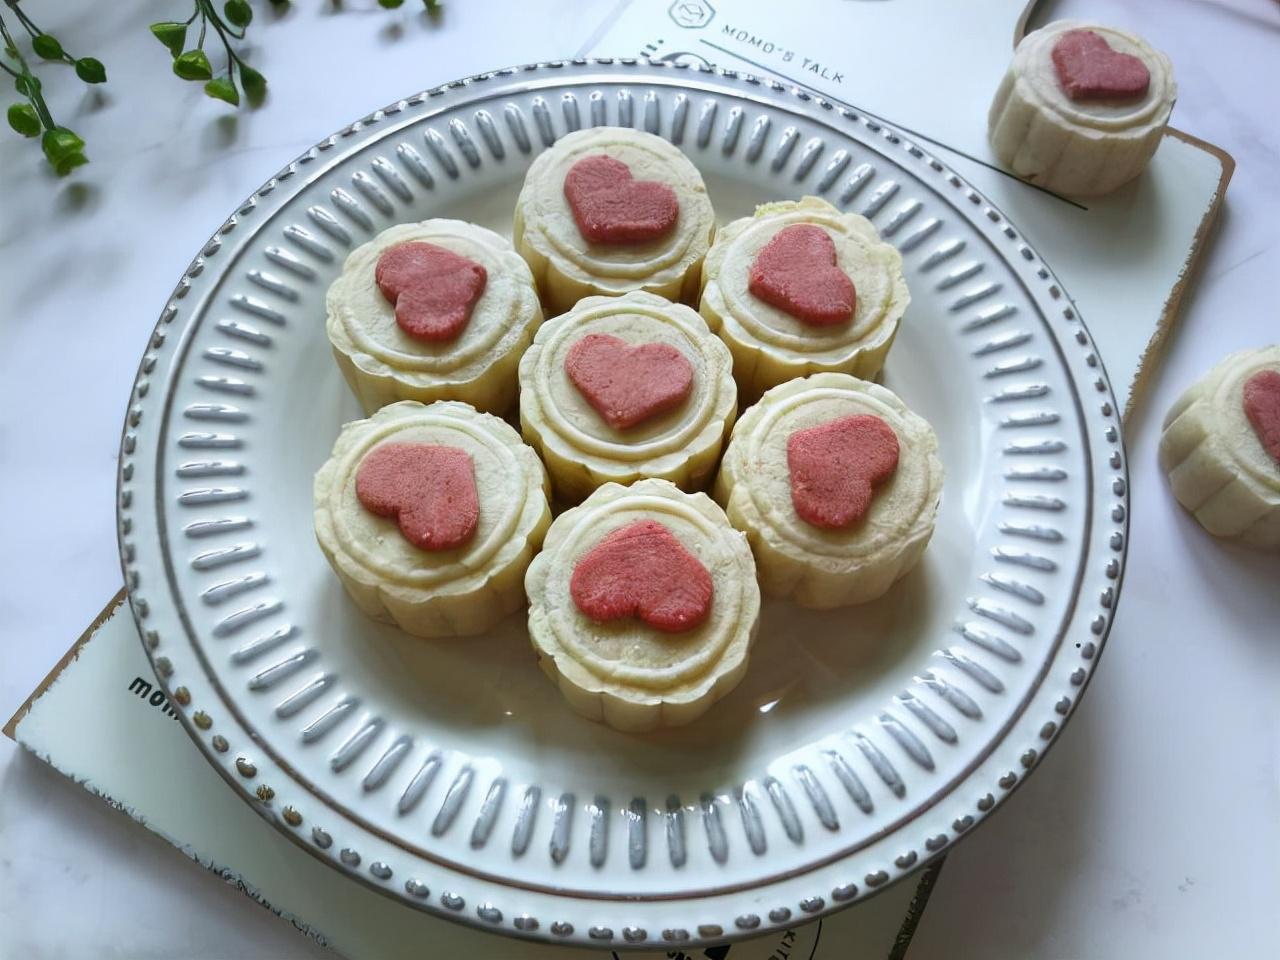 中秋将至,分享7道好吃的月饼,步骤详细容易上手,学会不用买了